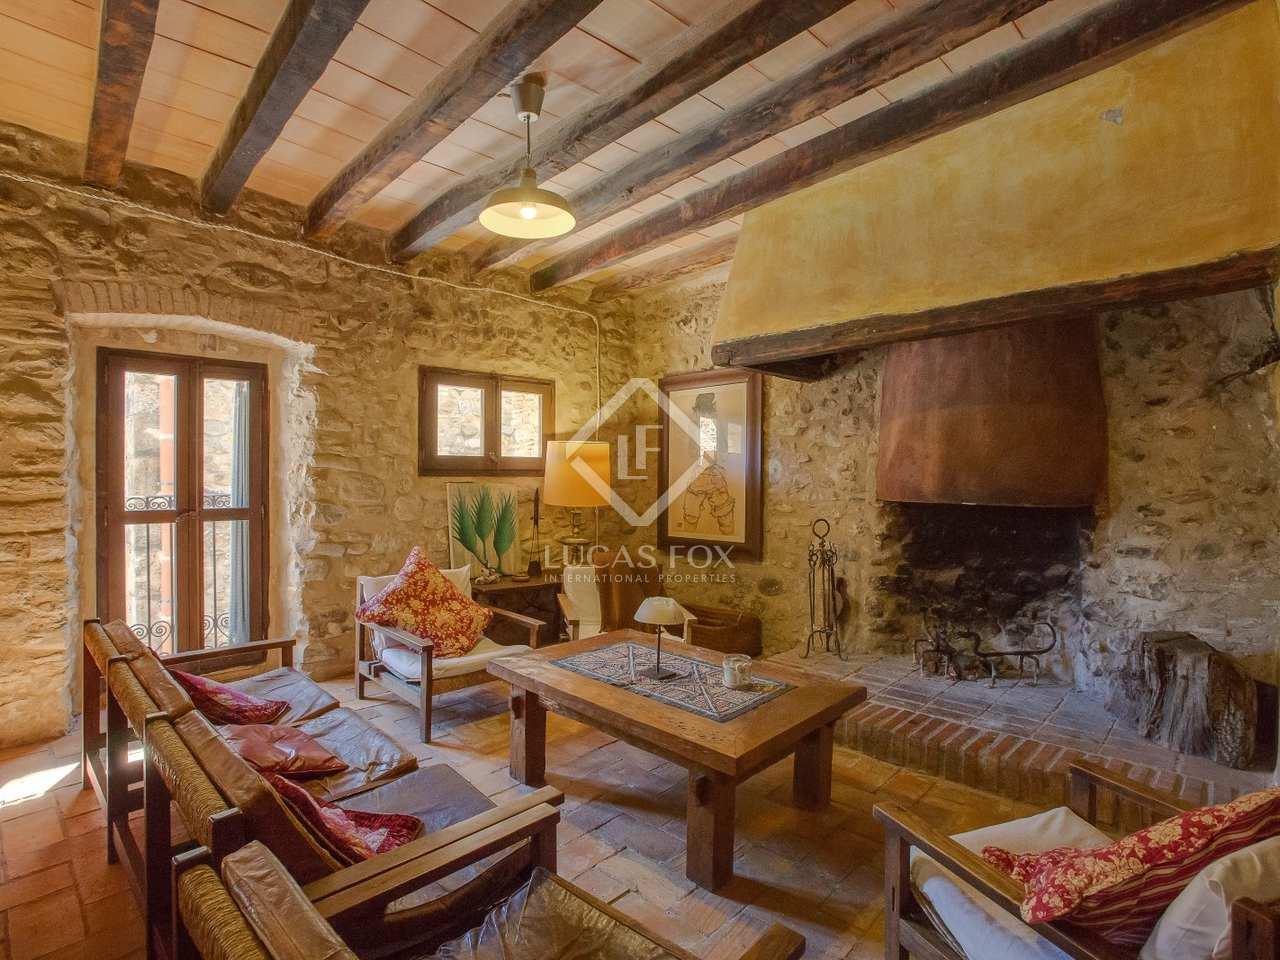 Amplia casa rural en venta en el alt empord - Comprar casa rural ...